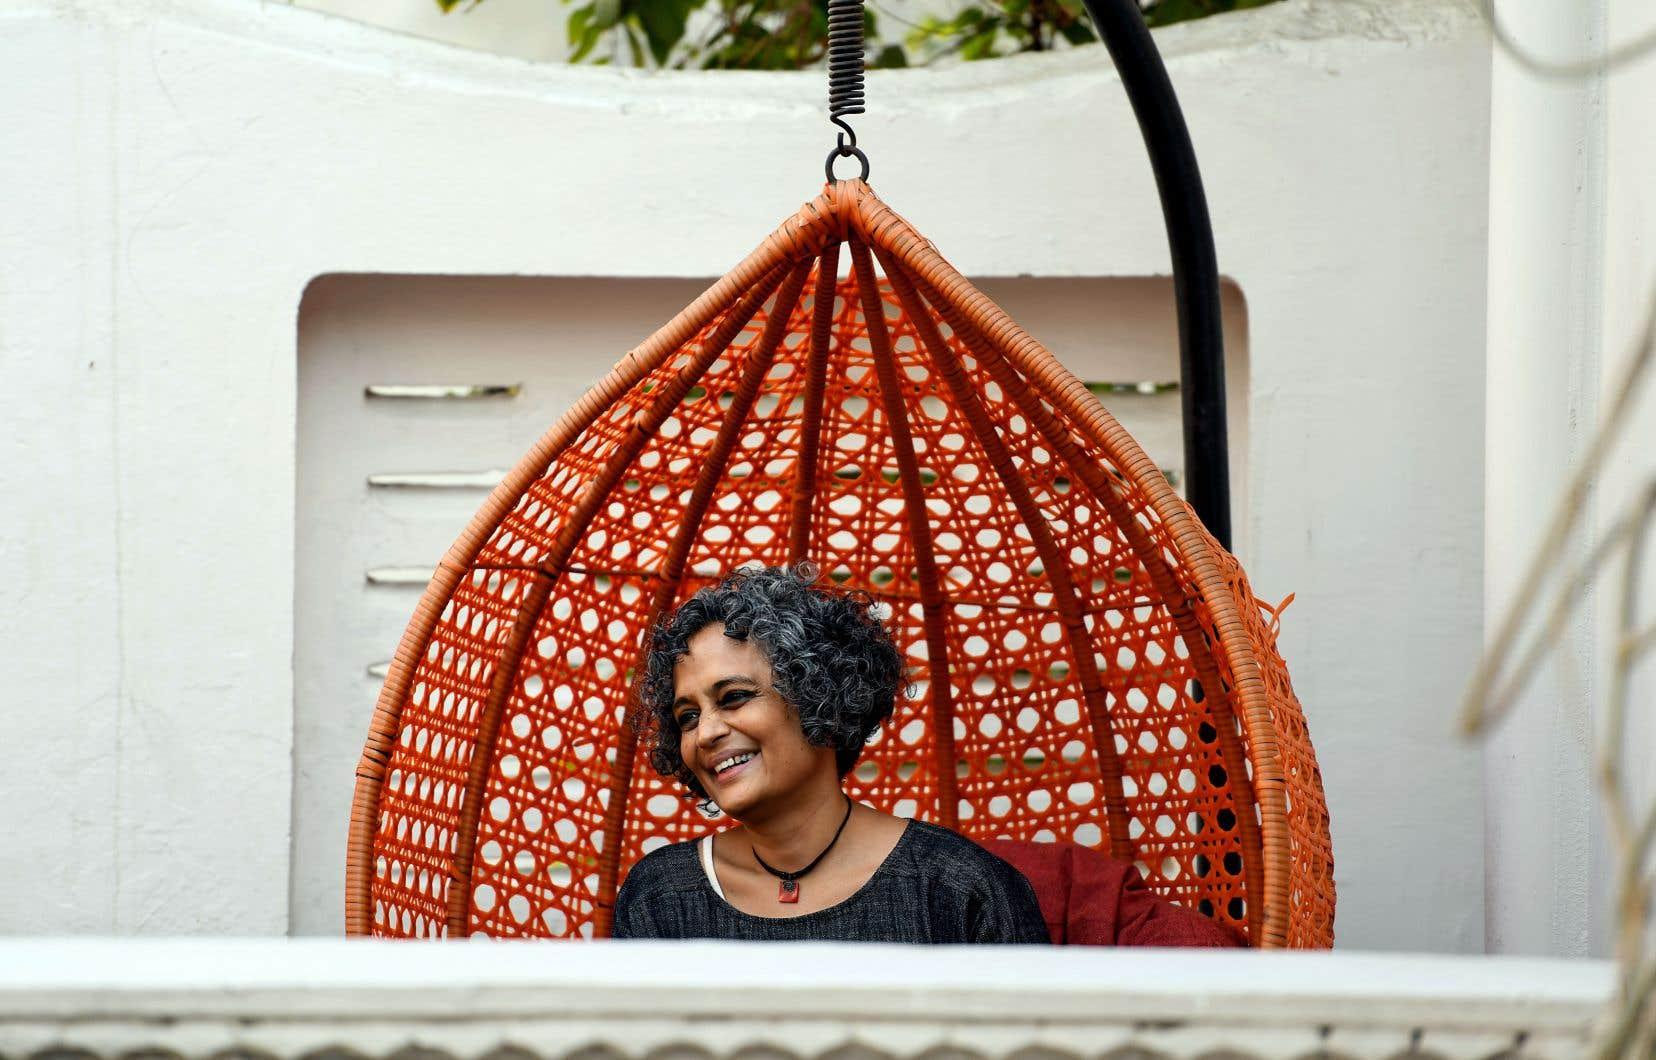 Avec ses talents de magicienne et de conteuse, Arundhati Roy déroule une véritable courtepointe d'histoires et de digressions.